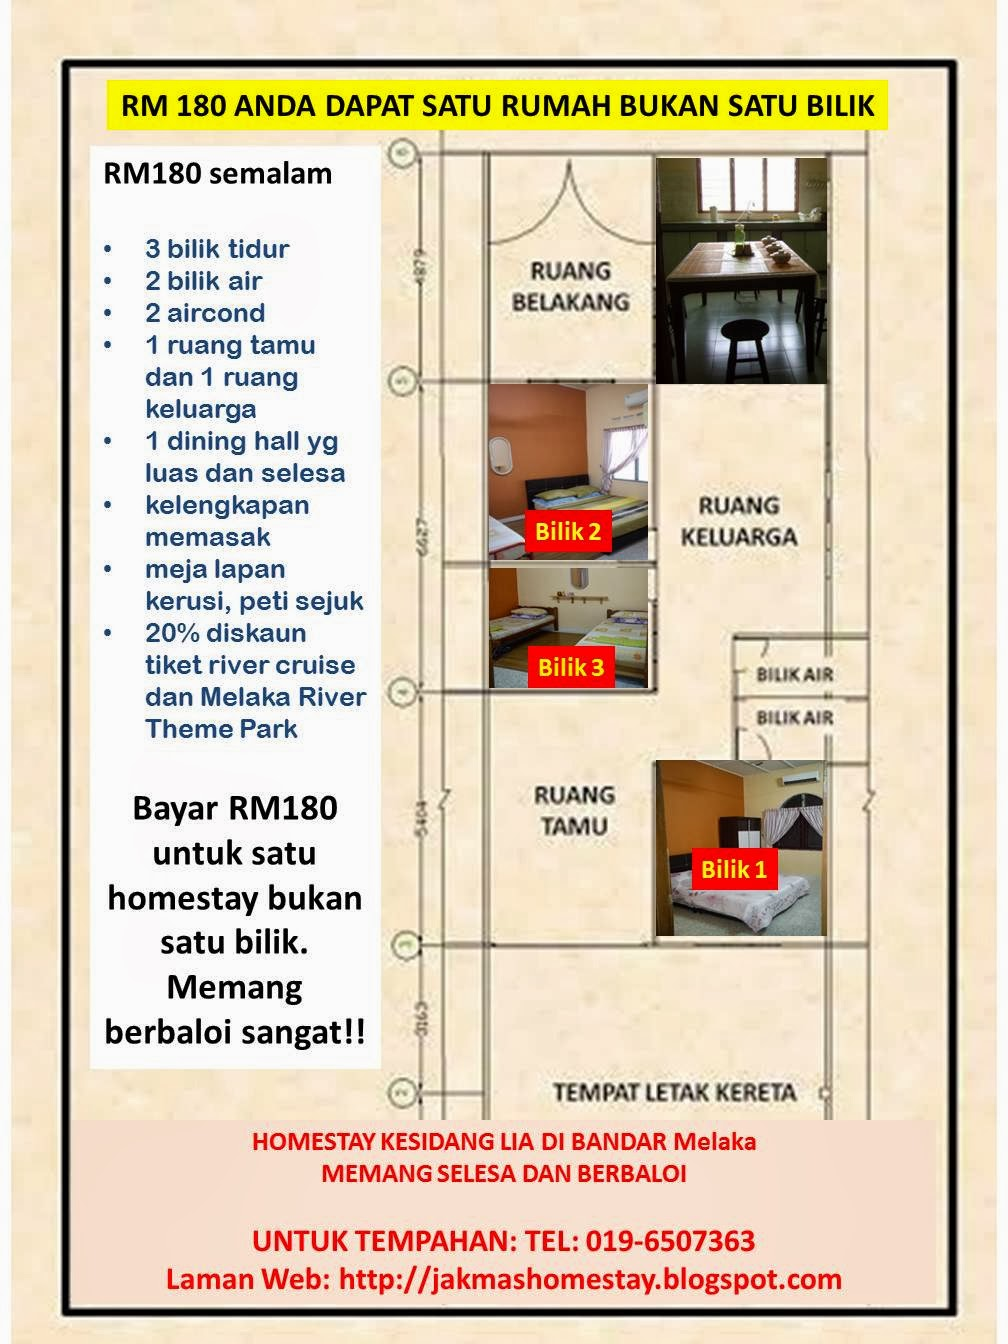 Lokasi Homestay Kesidang Di Bandar Melaka Dan DPuncak